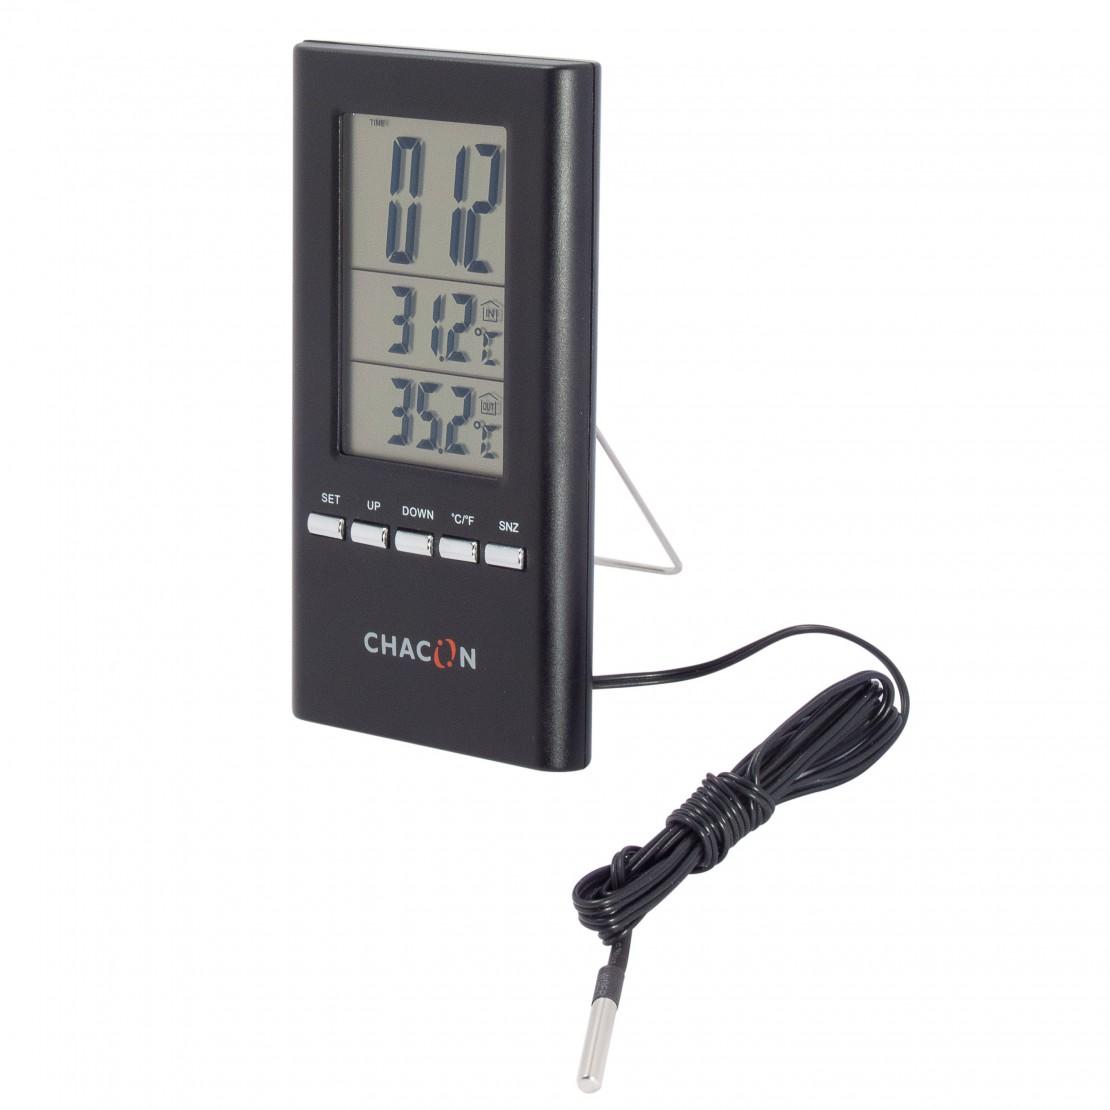 Thermomètre intérieur-extérieu r filaire